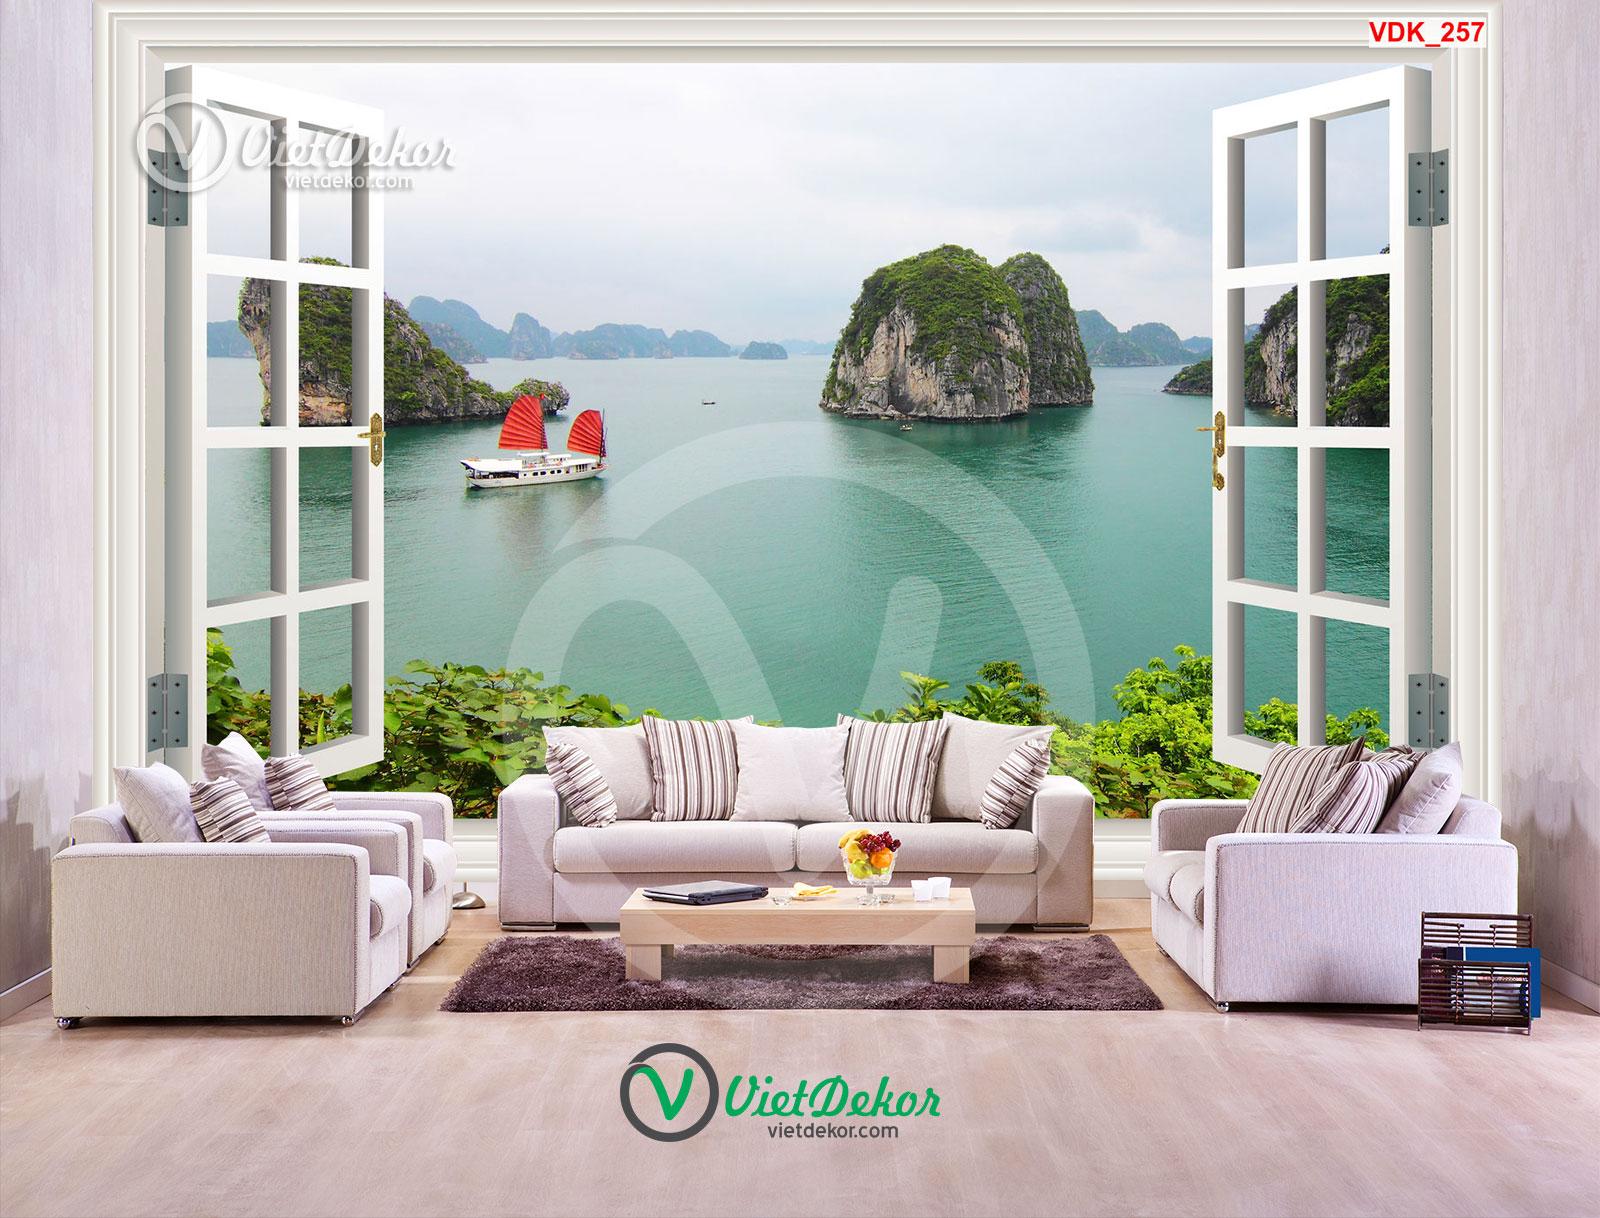 Tranh dán tường 3d cửa sổ phong cảnh biển và núi